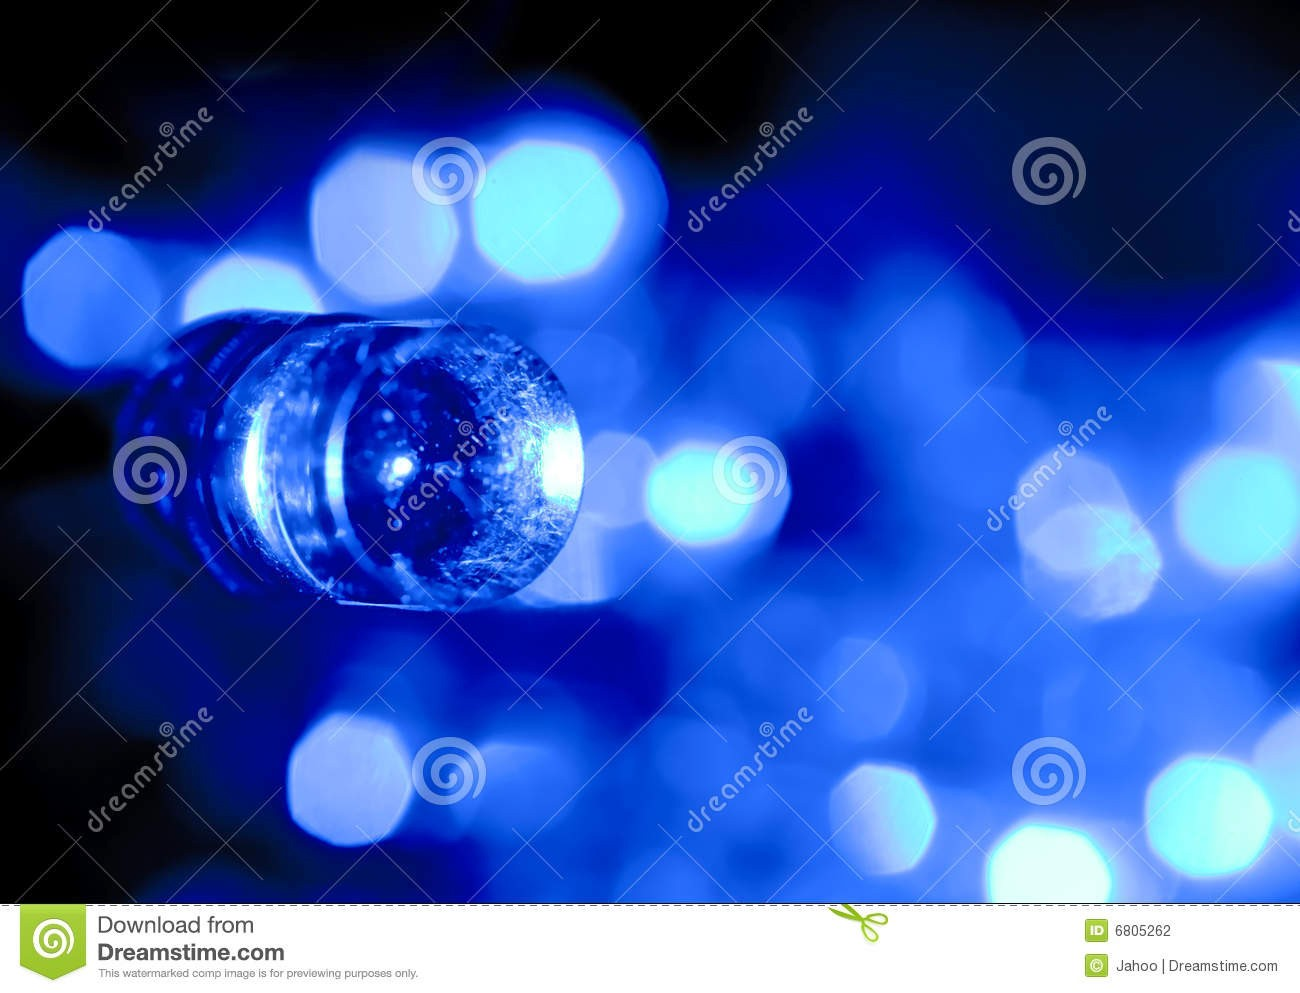 2018年至2022年全球高亮度LED产值年均增长2-5%